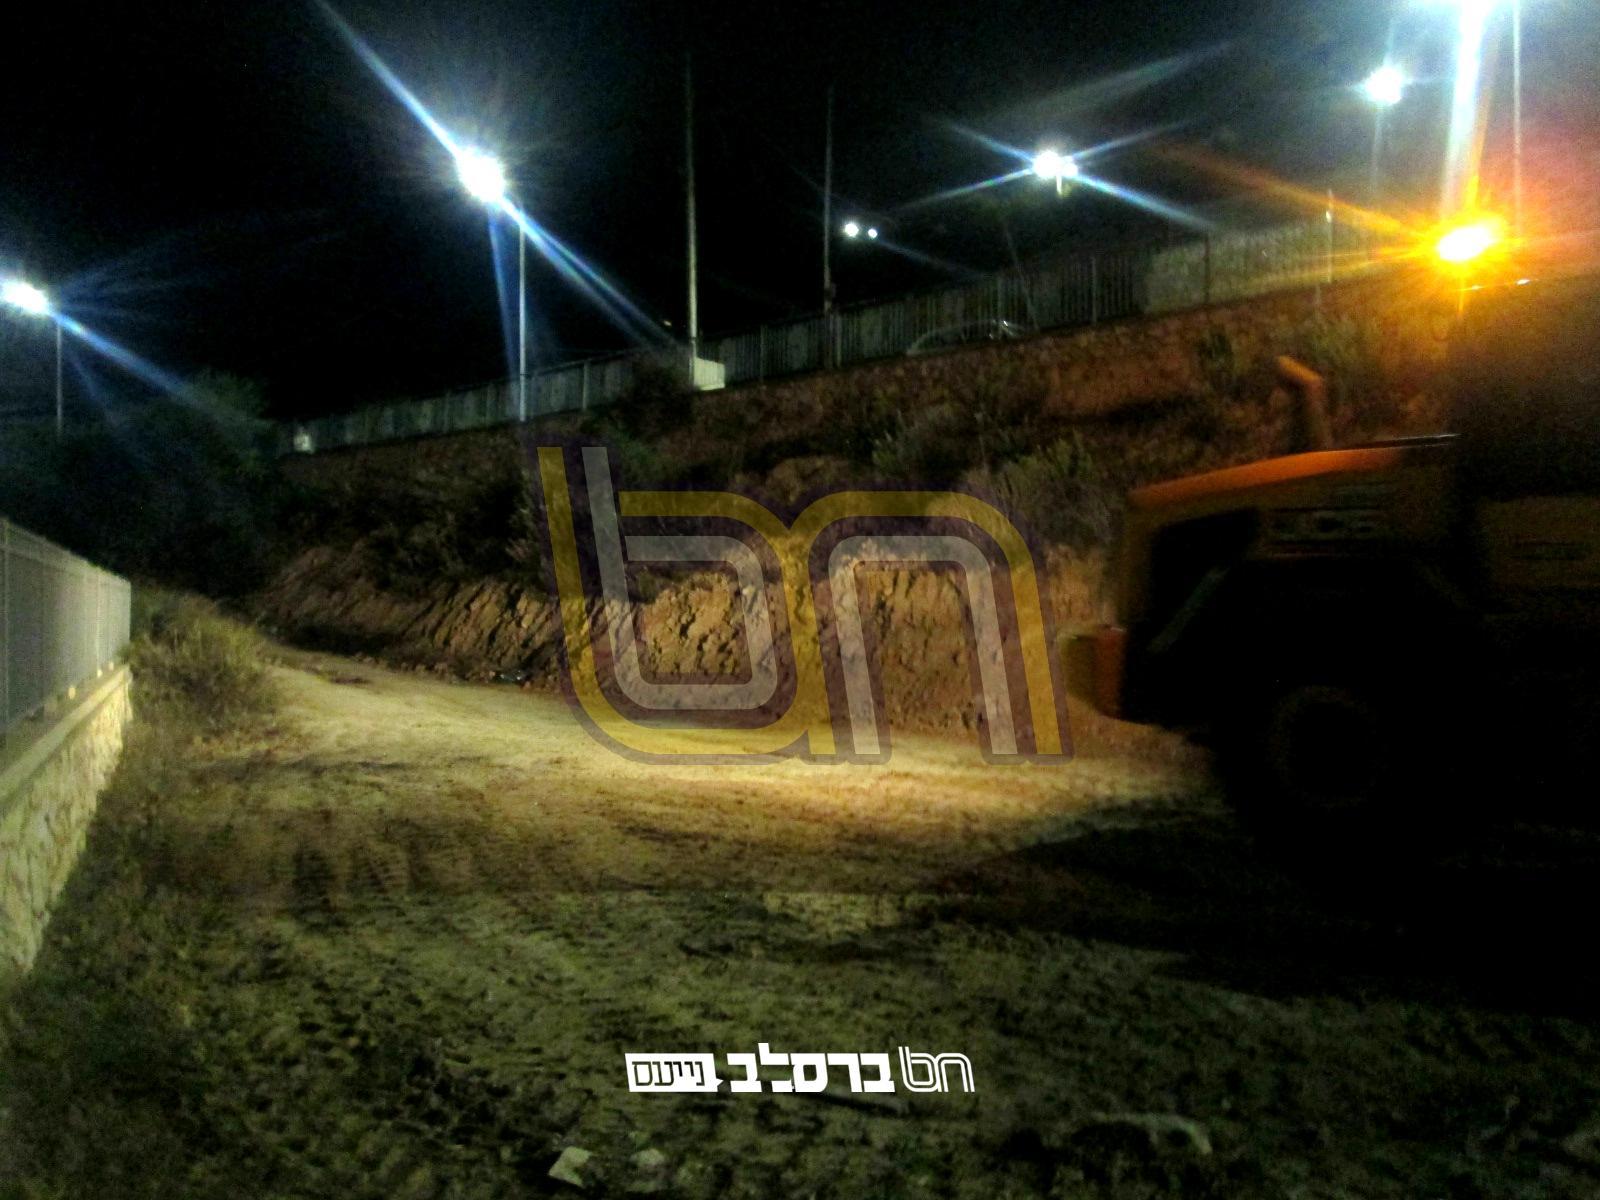 """הר יונה • חדשות קהילת ברסלב בהר יונה: טופס 4, ההיכלוס, ותחילת בניית בית הכנסת """"נחלת הצדיק"""""""